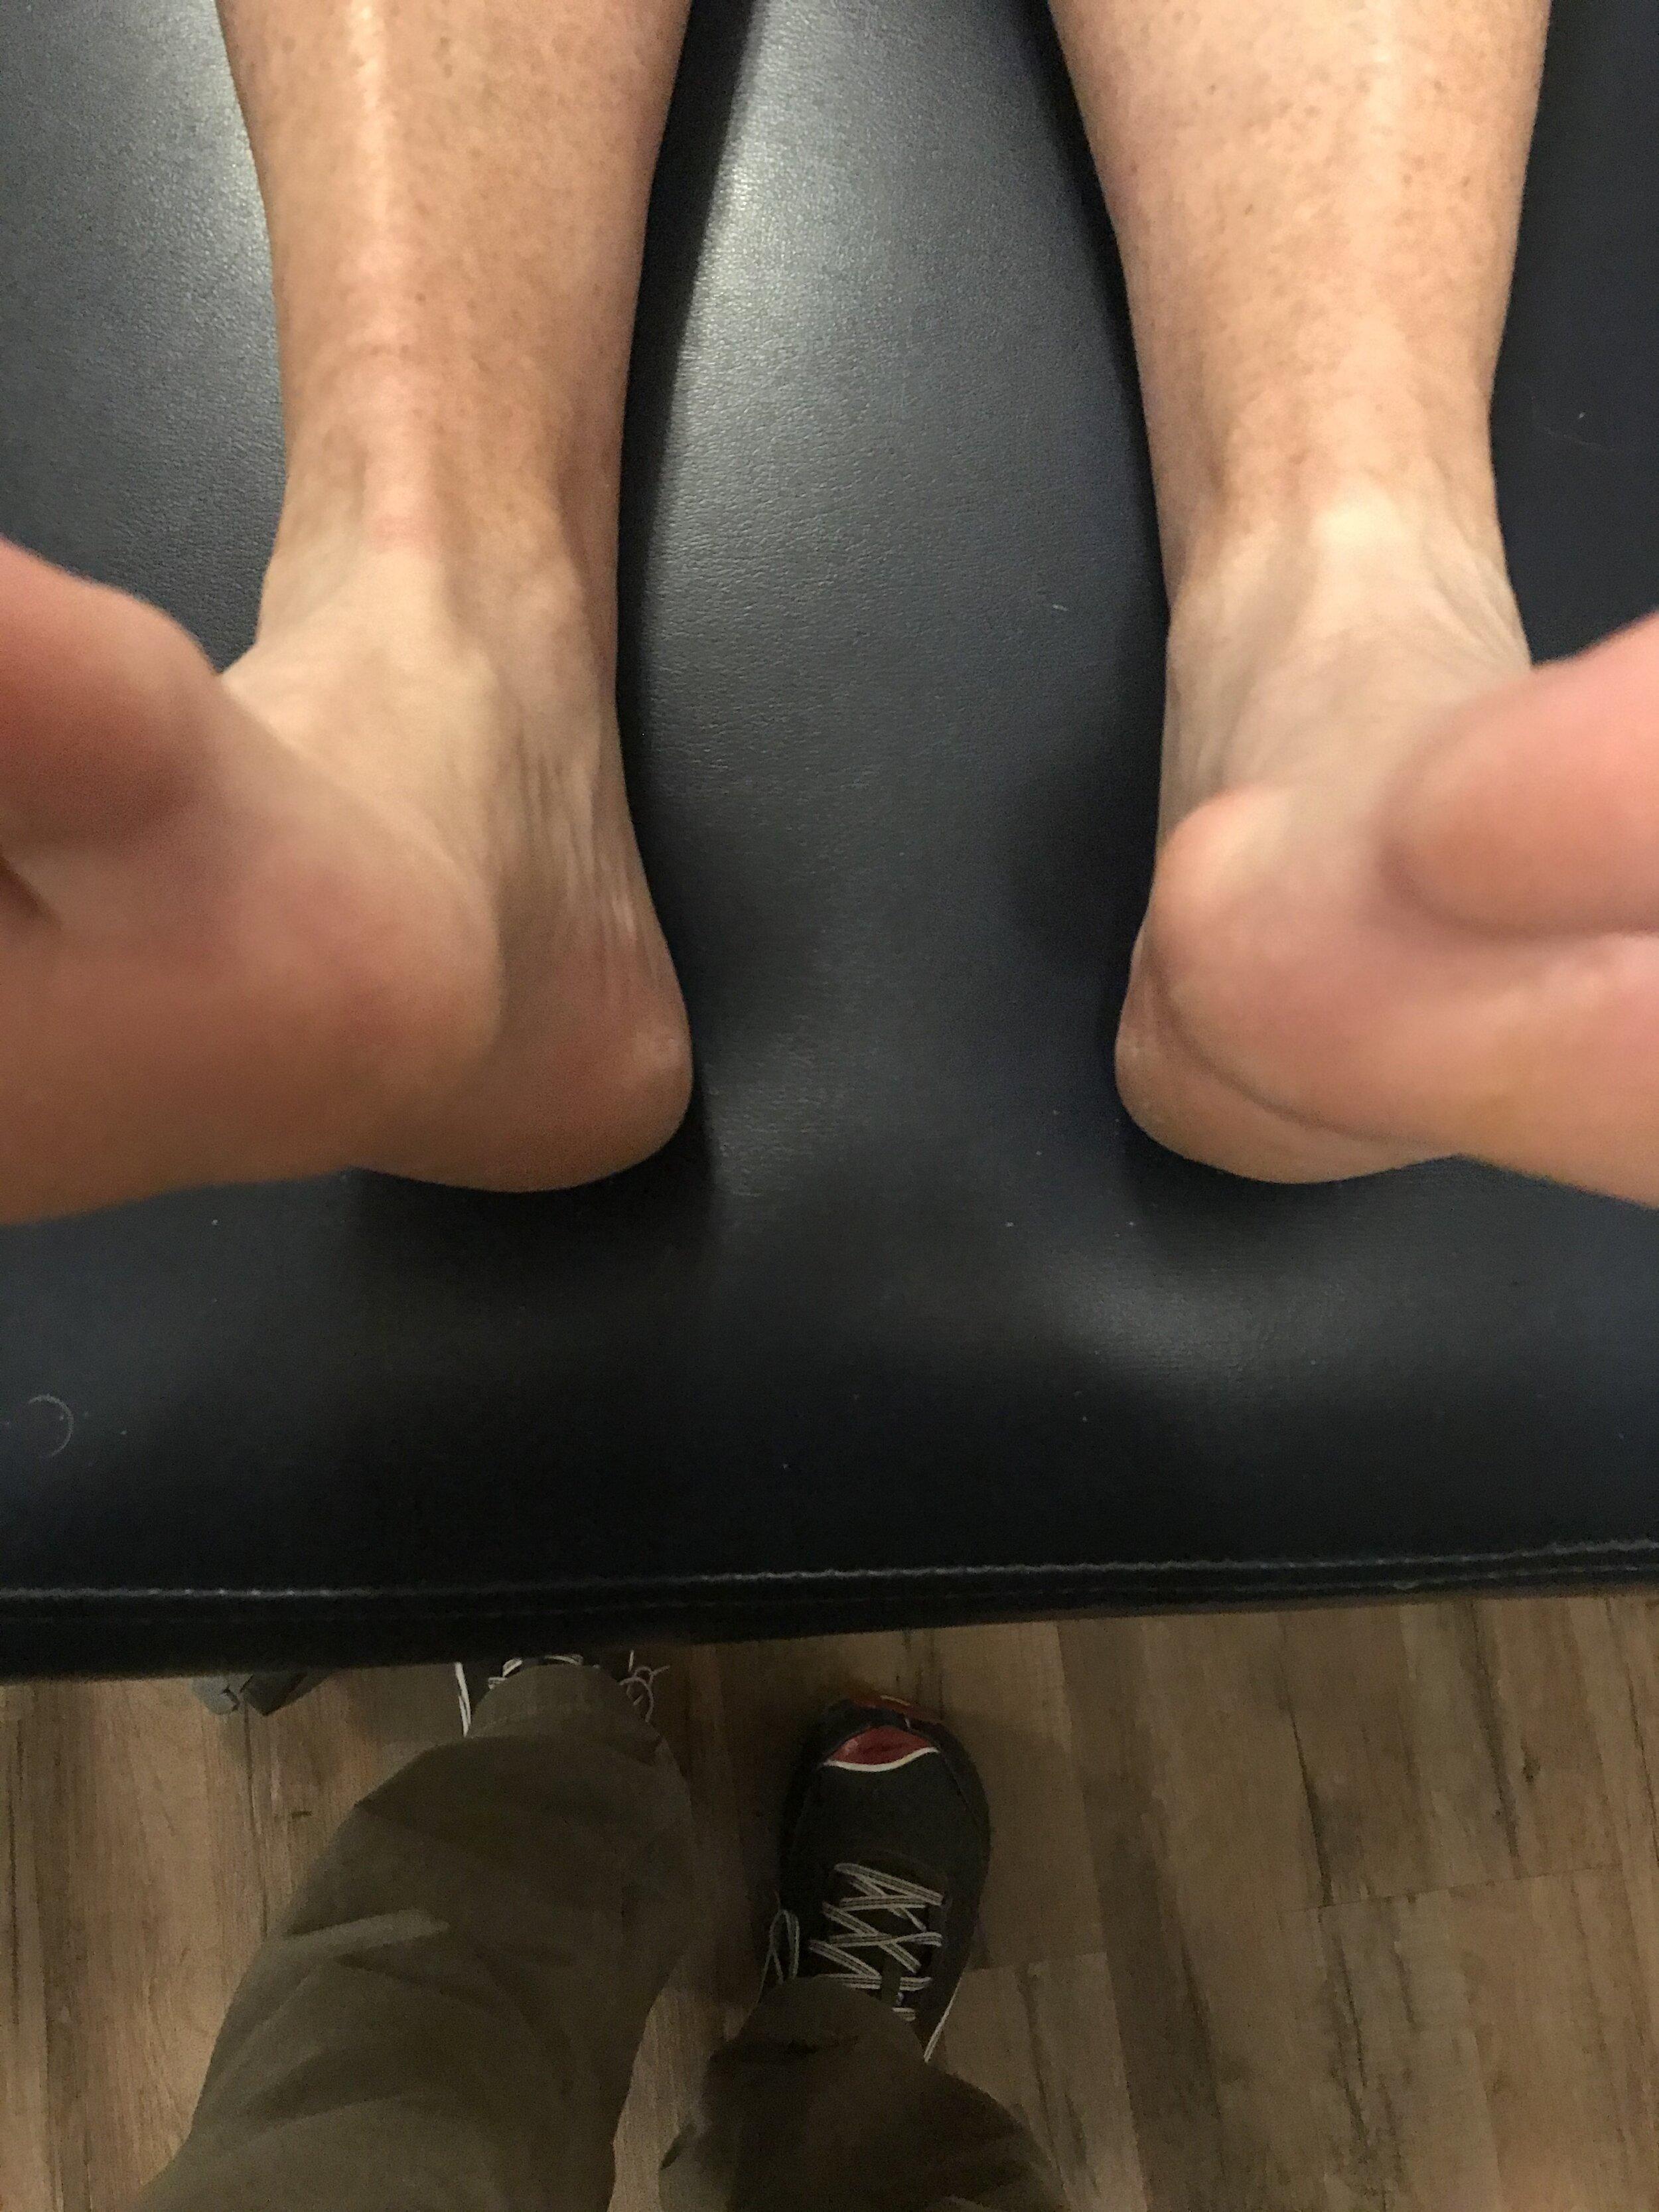 OZZIES Flex-Stop Leg Splint